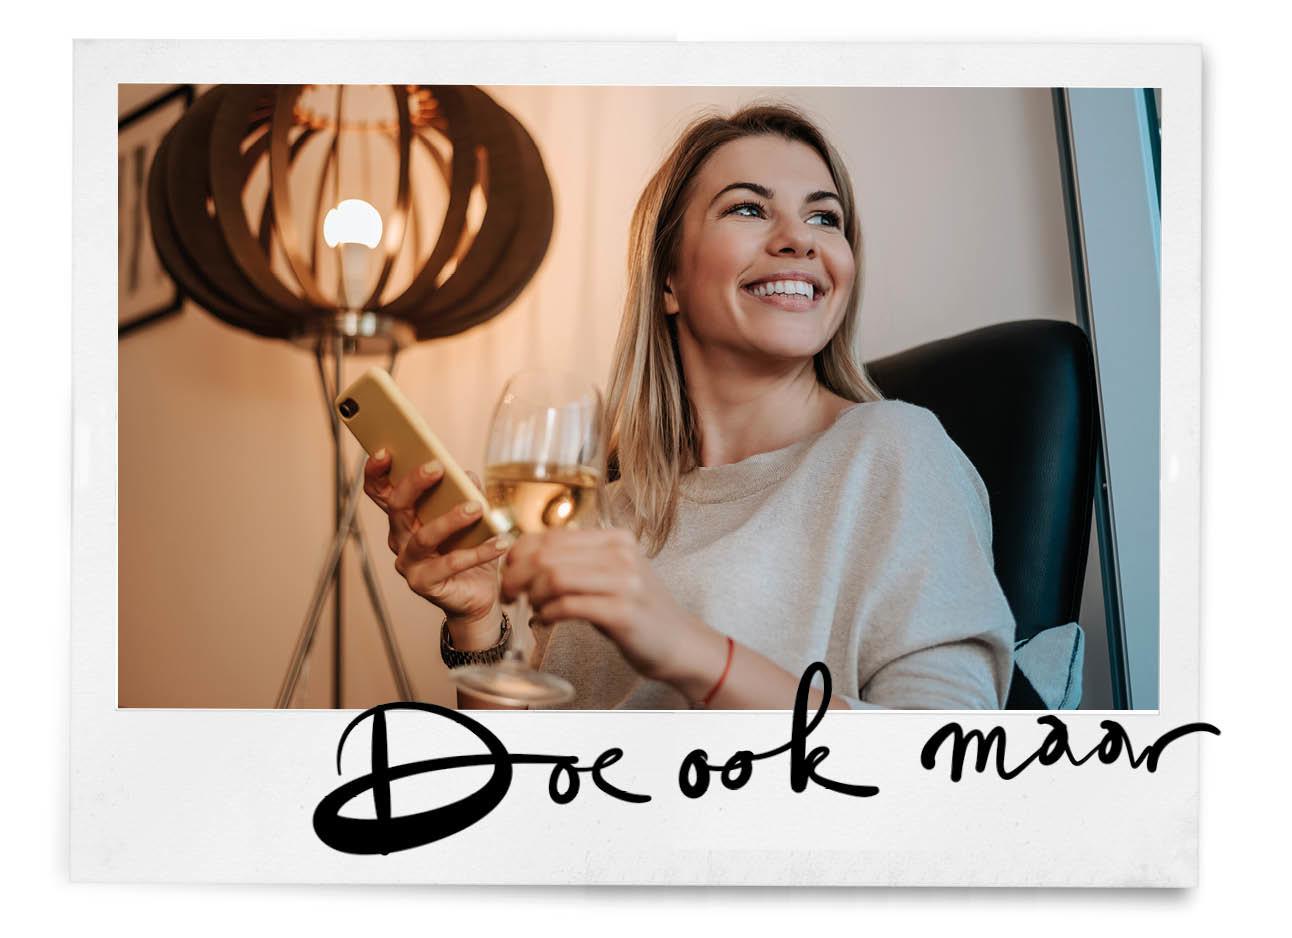 vrouw lachend naar telefoon met wijn in haar handen